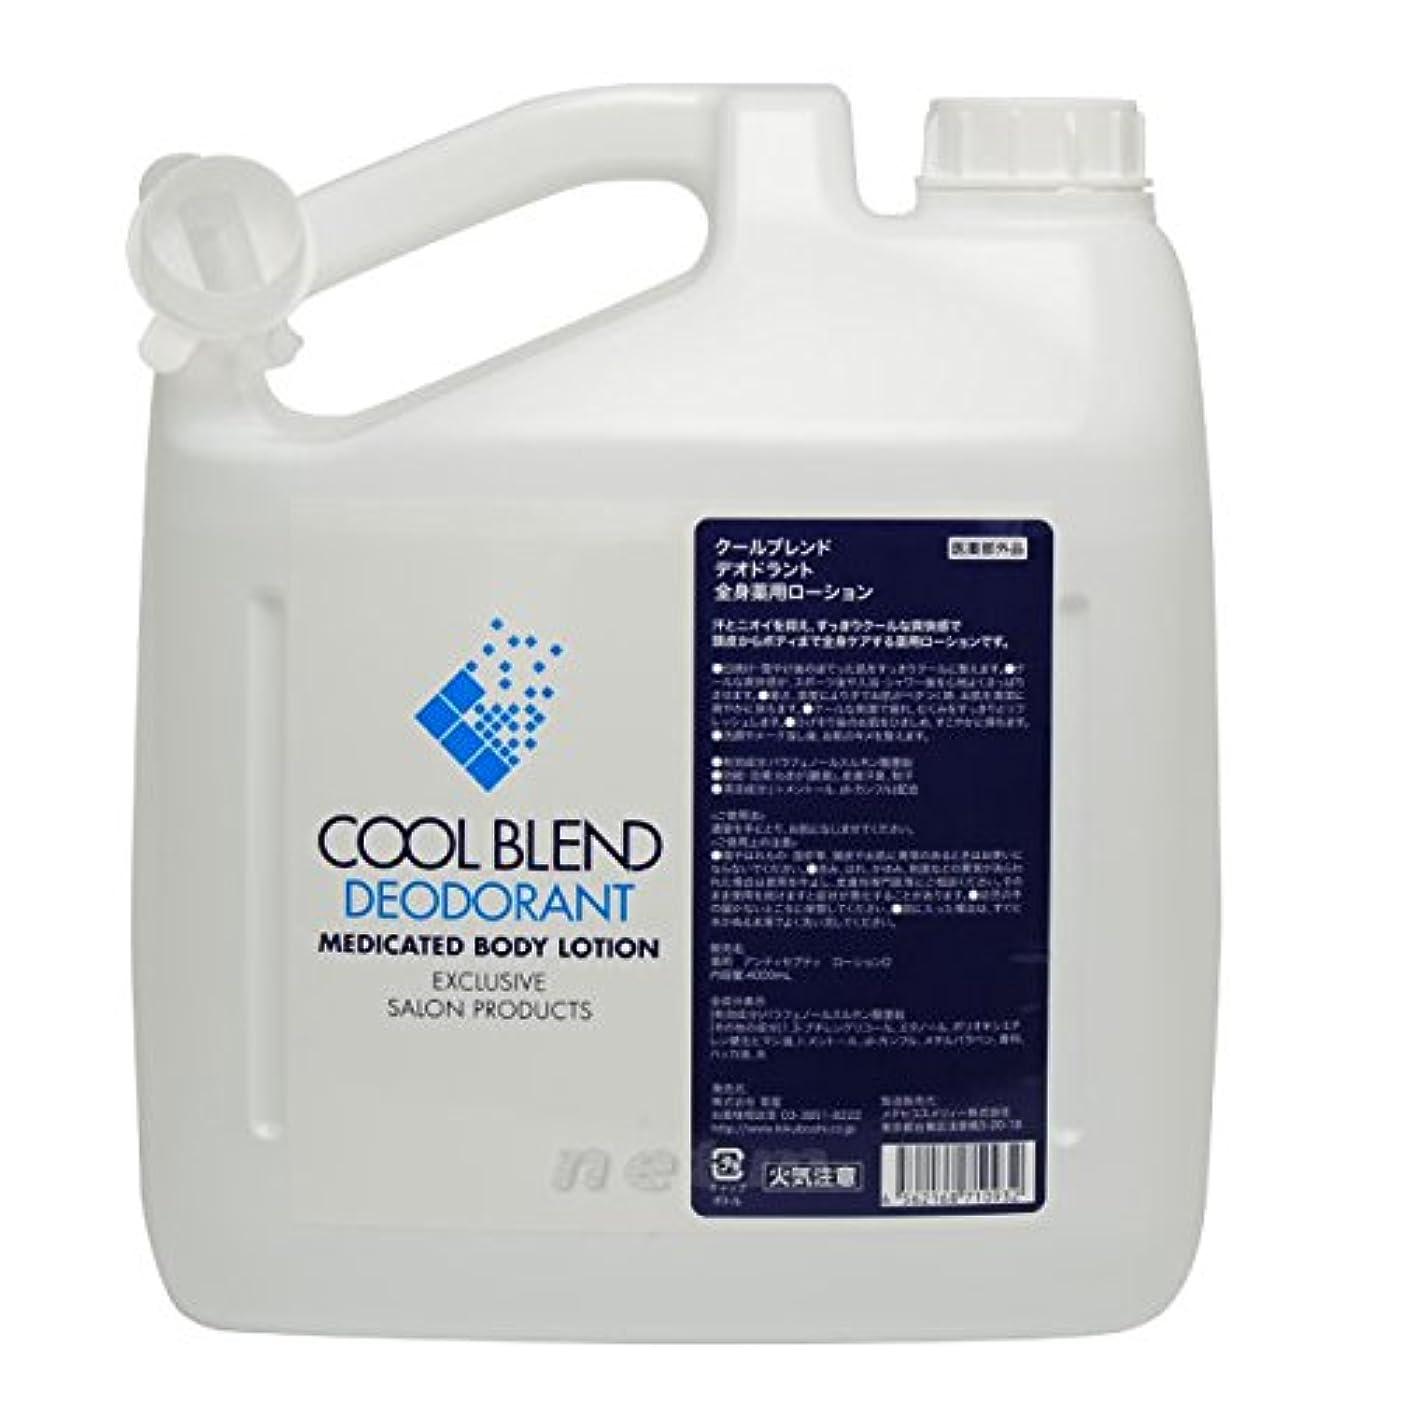 広大な腐った霜クールブレンド デオドラント 全身薬用ローション 業務用 4L